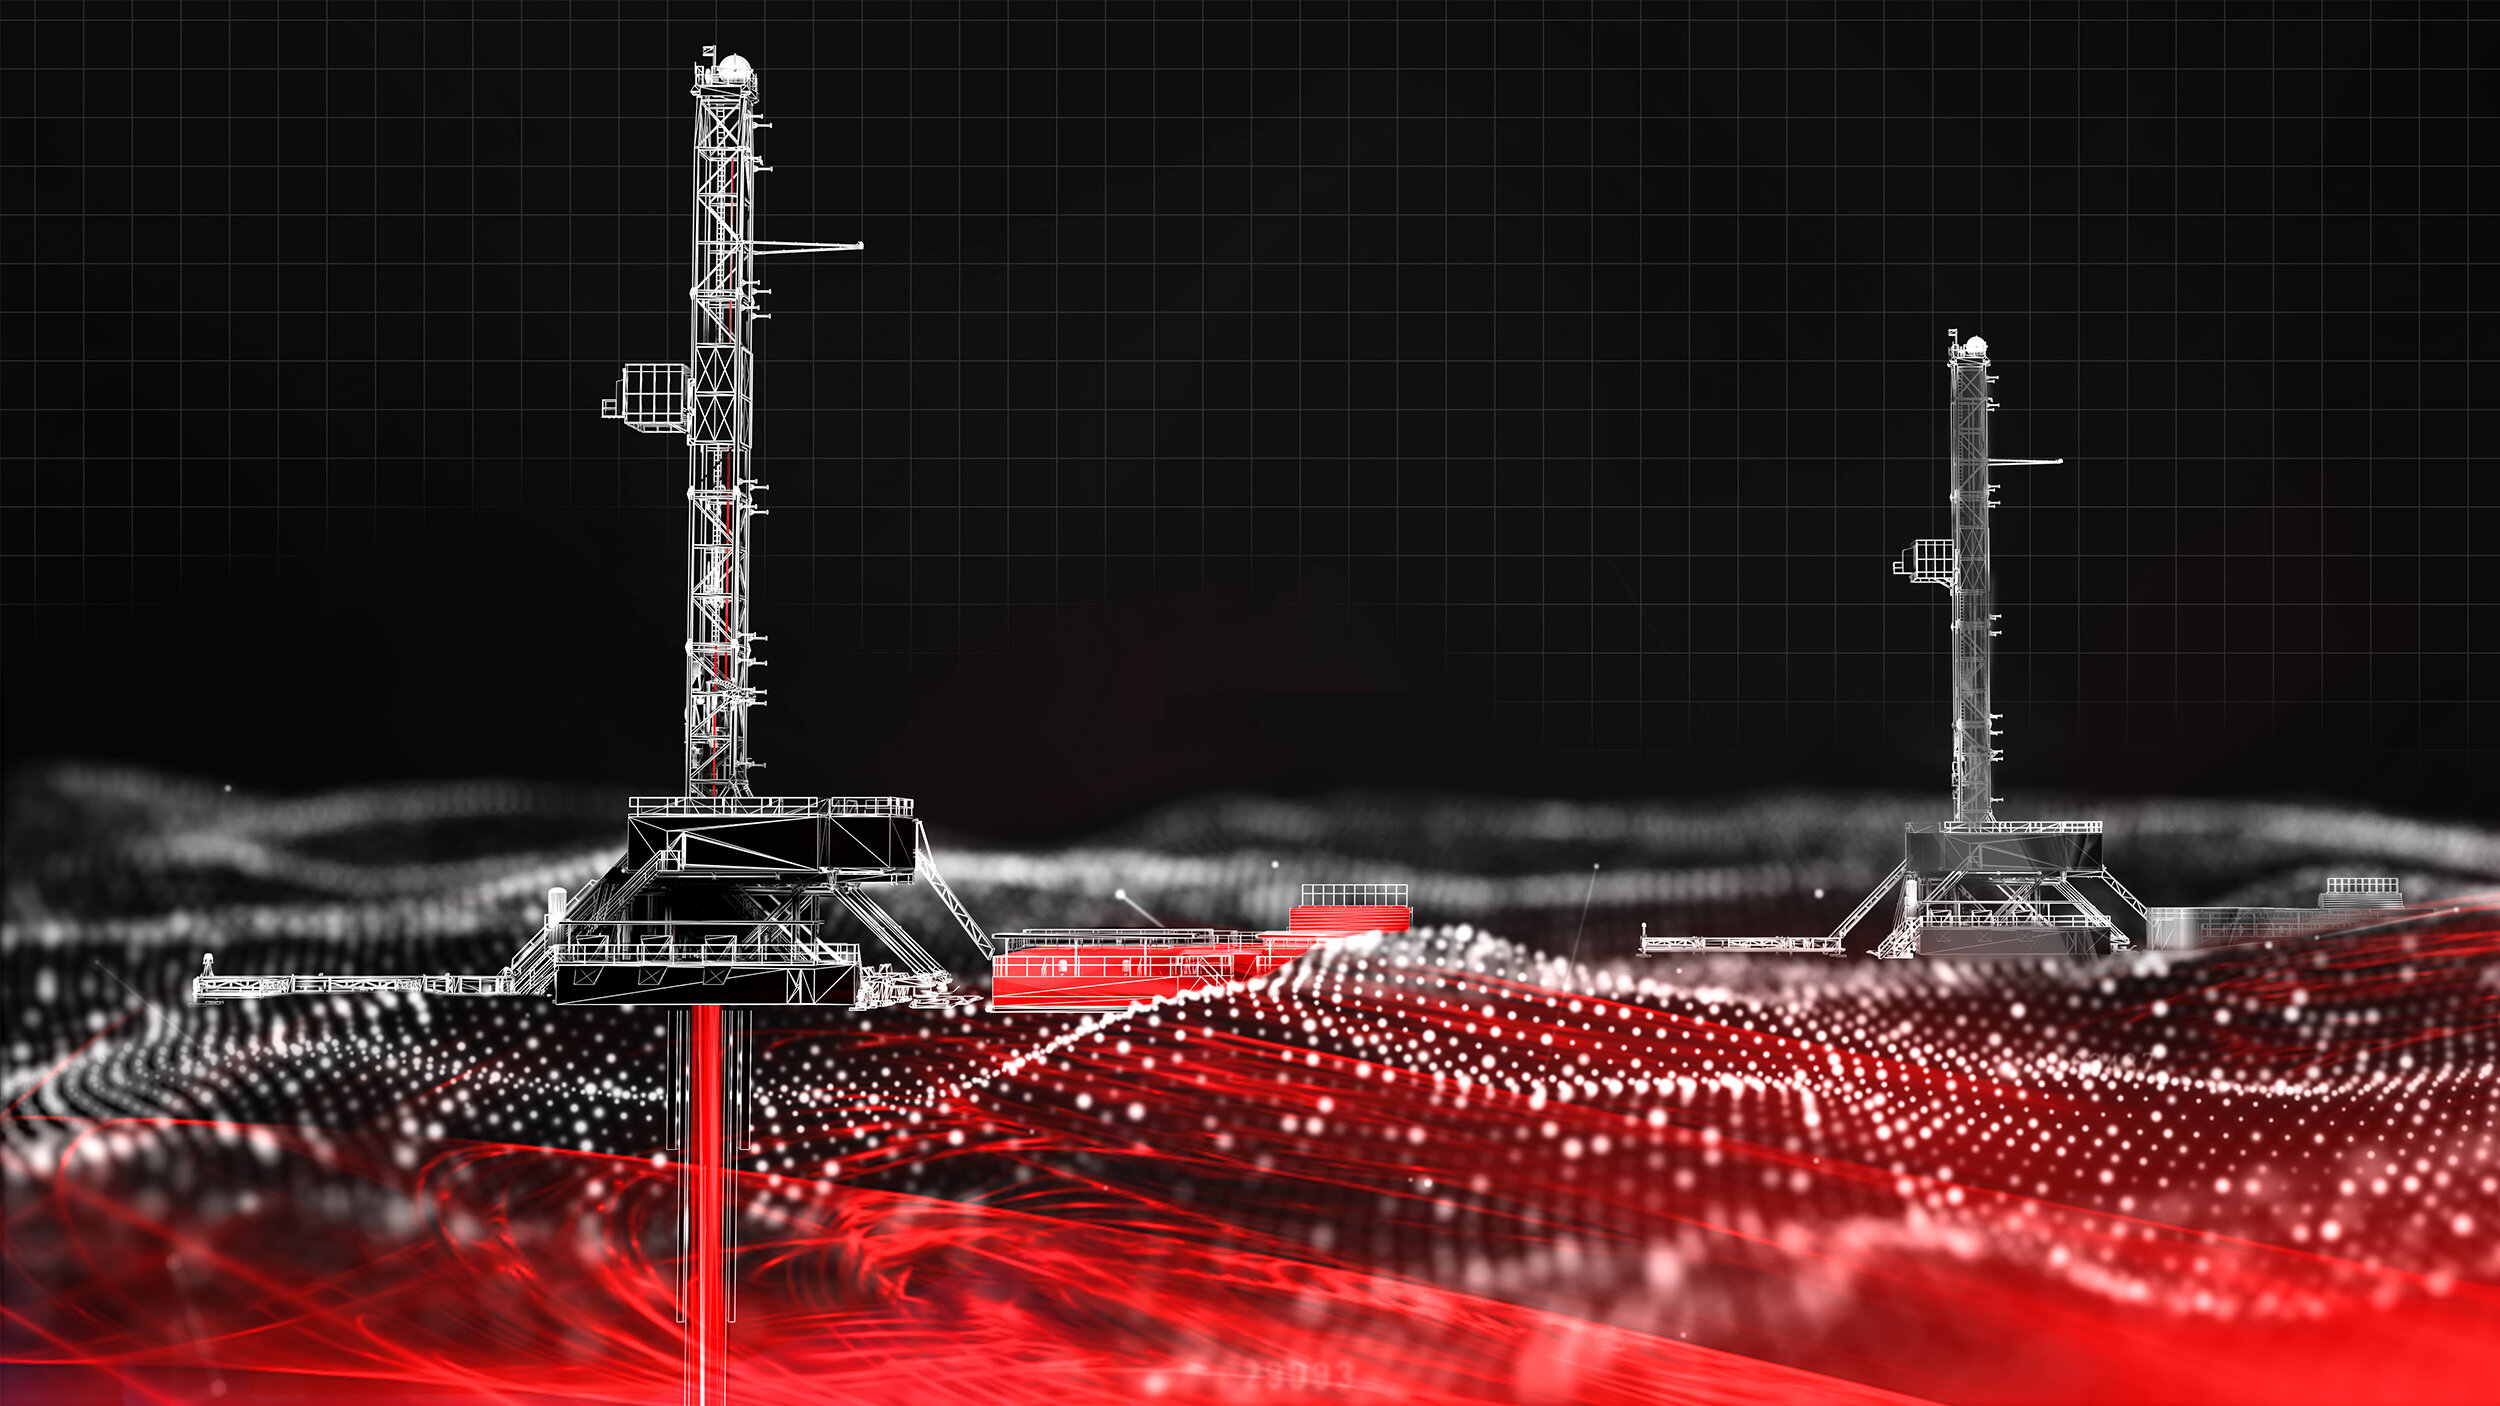 通过规划和分析提高钻井性能